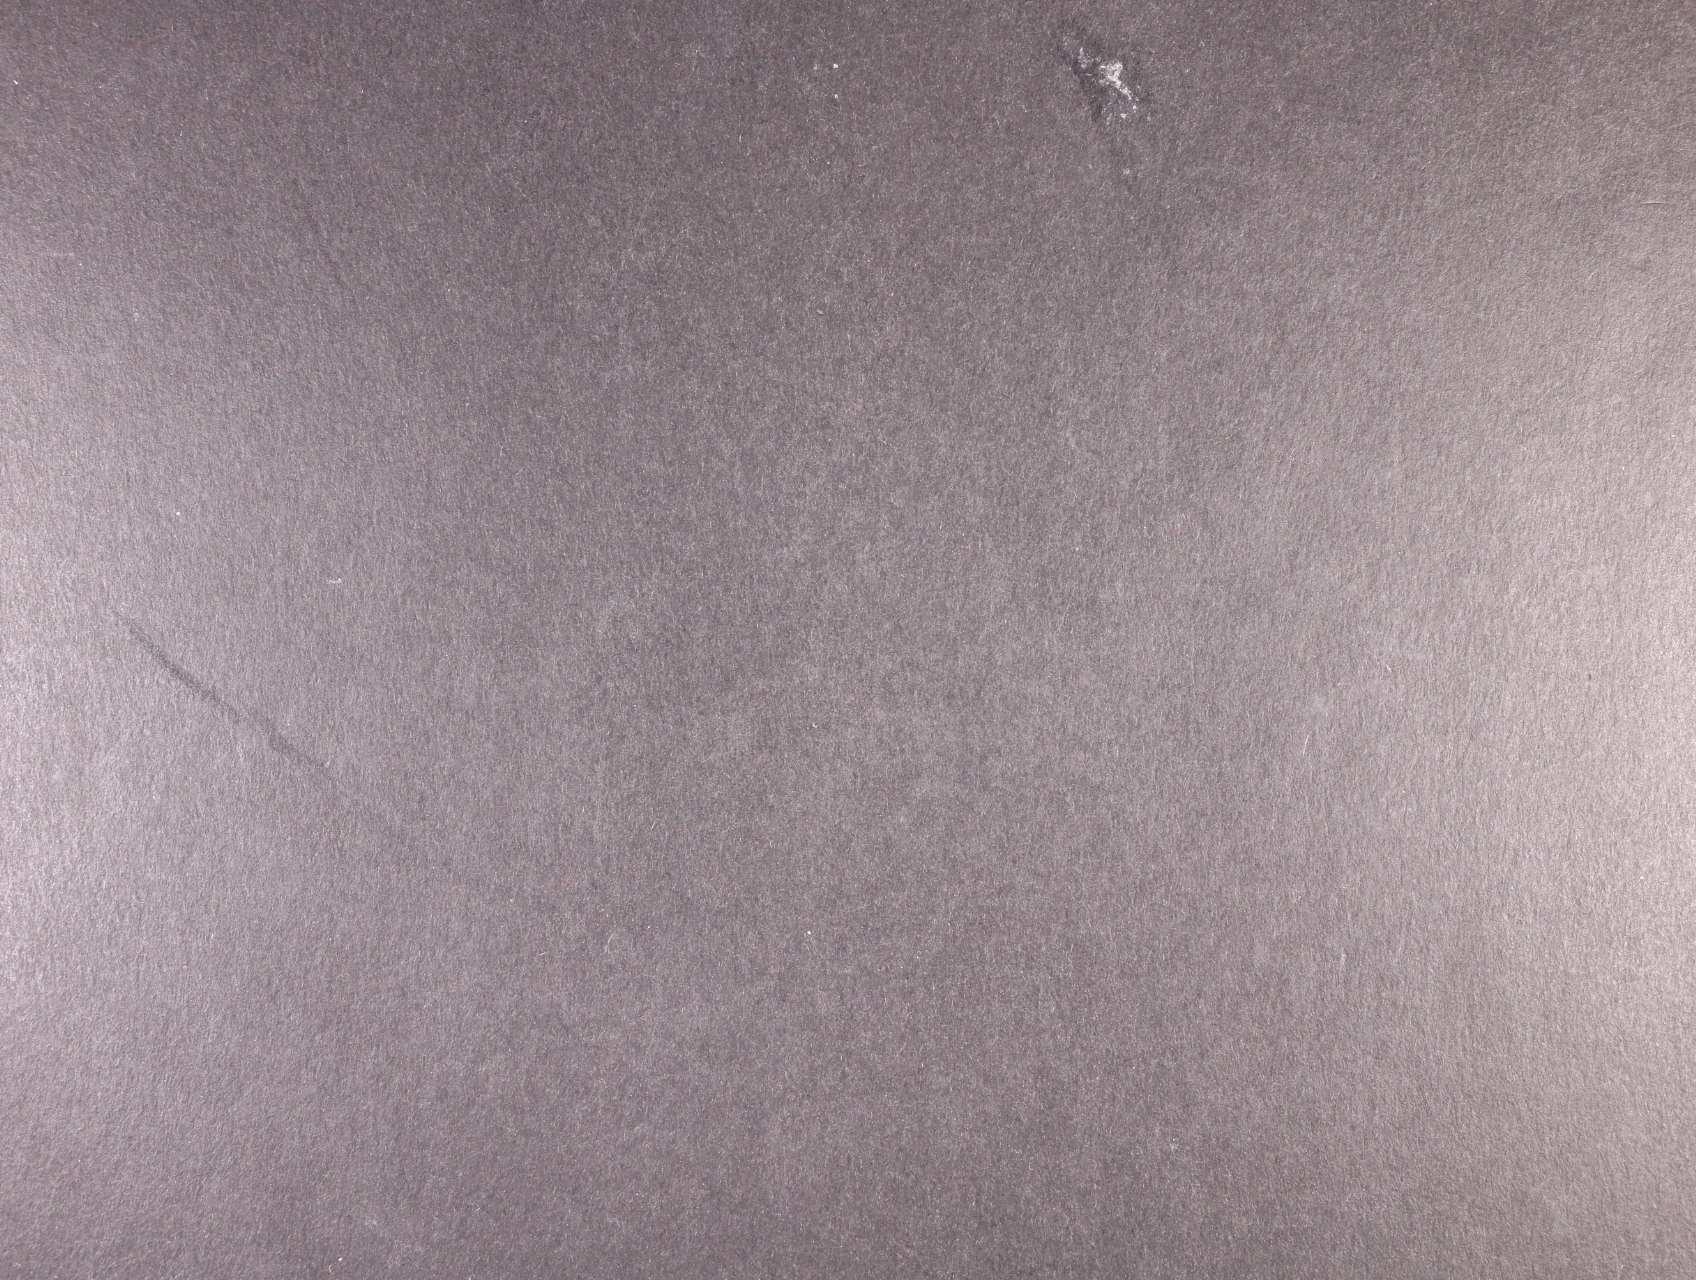 Portugalská Guinea - nekompl. sbírka zn. z let 1881 - 1962 , vysoký kat. záznam, uloženo na zasklených listech